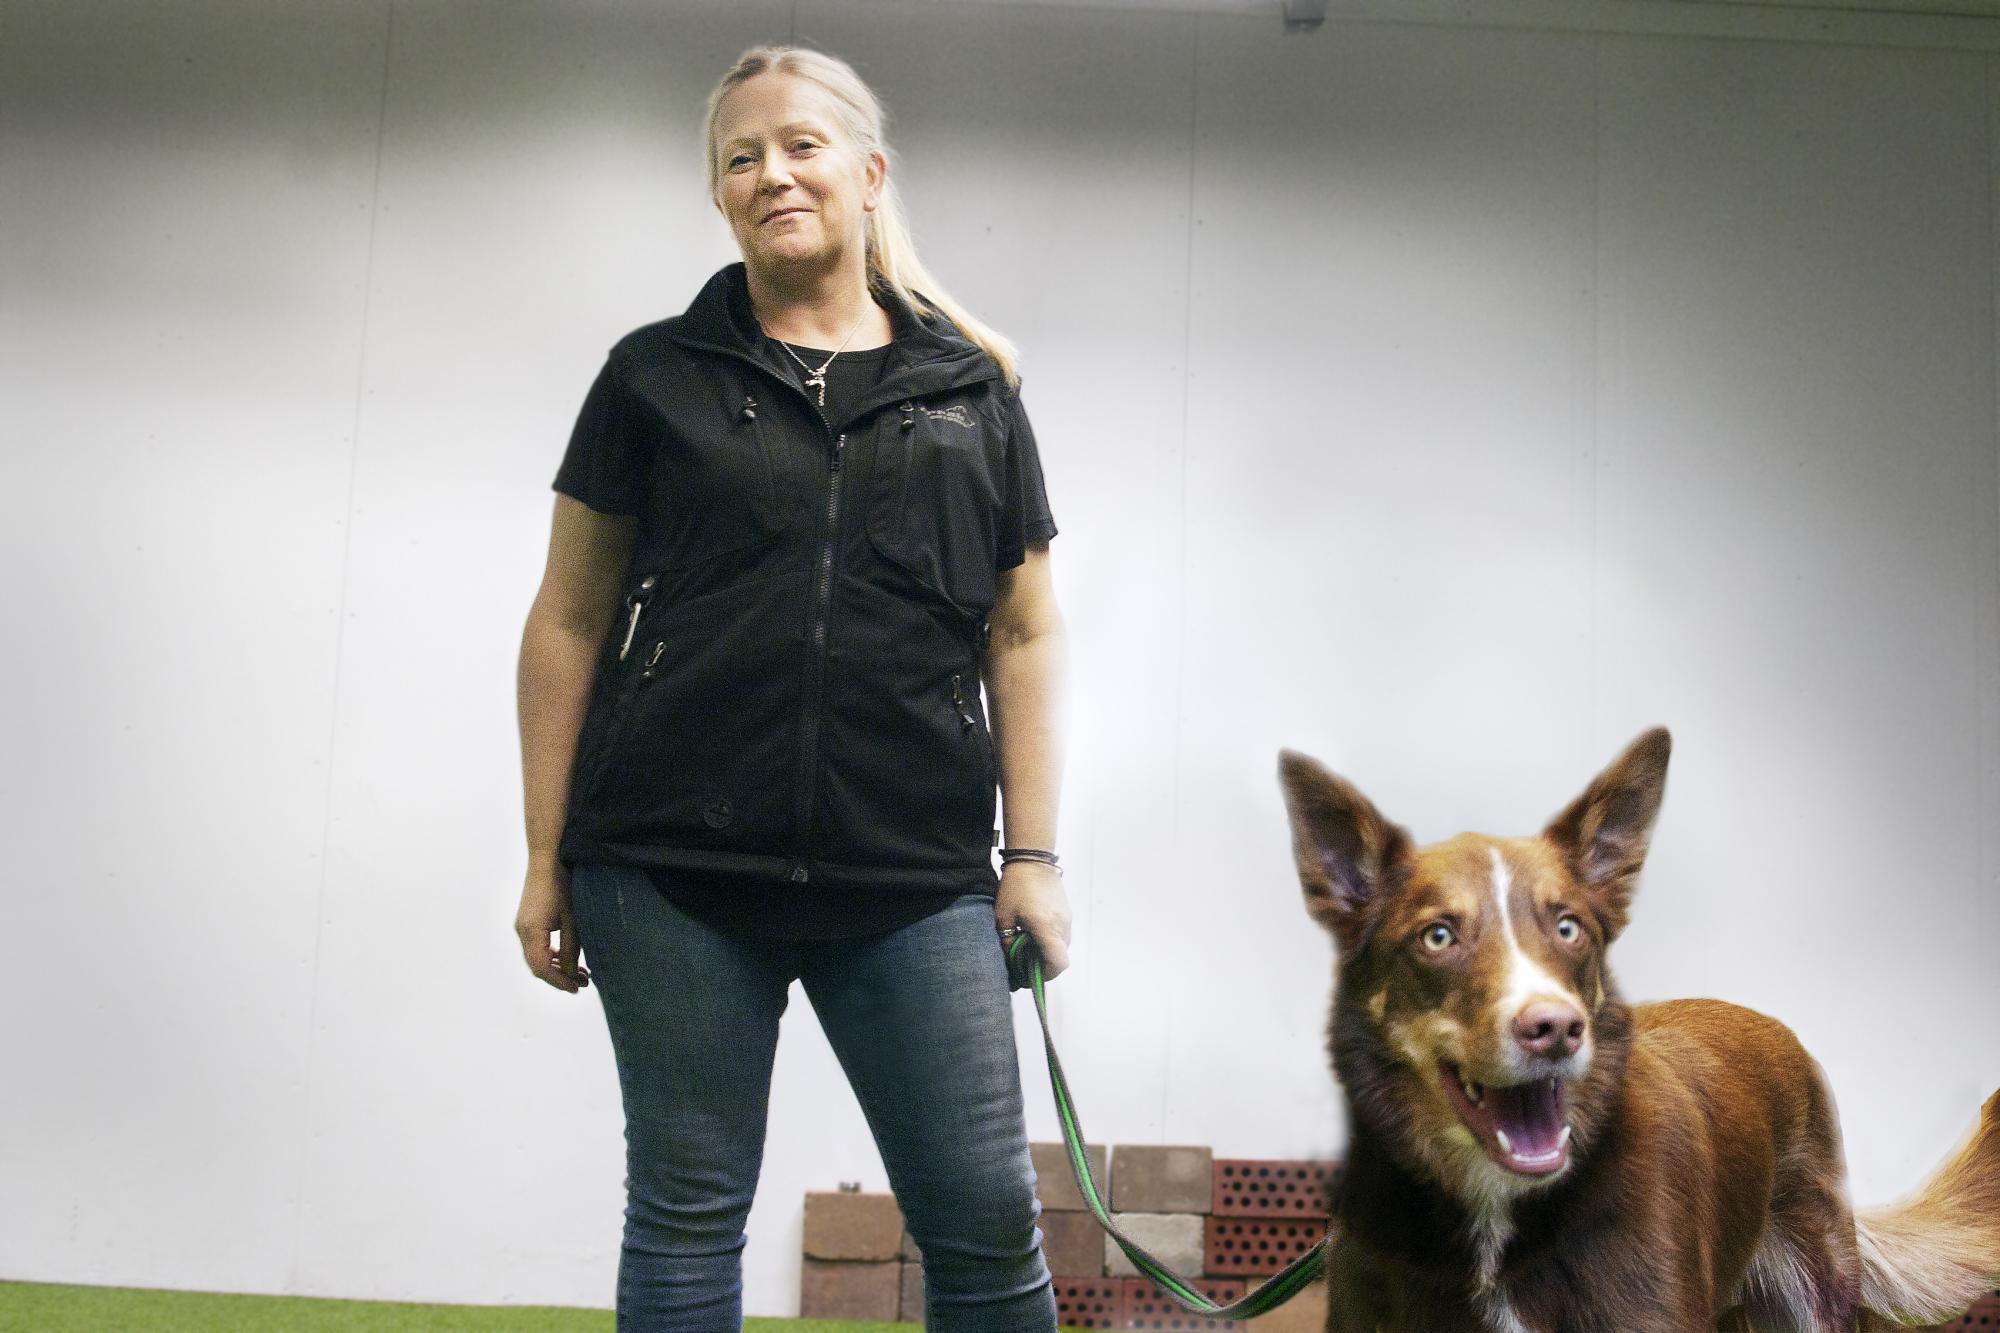 Lotta Nilsdotter är hundpsykolog samt ägare avLerkulans Hundcenter och jobbar bland annat med<span>besiktningshund för viltskadecenter.</span>